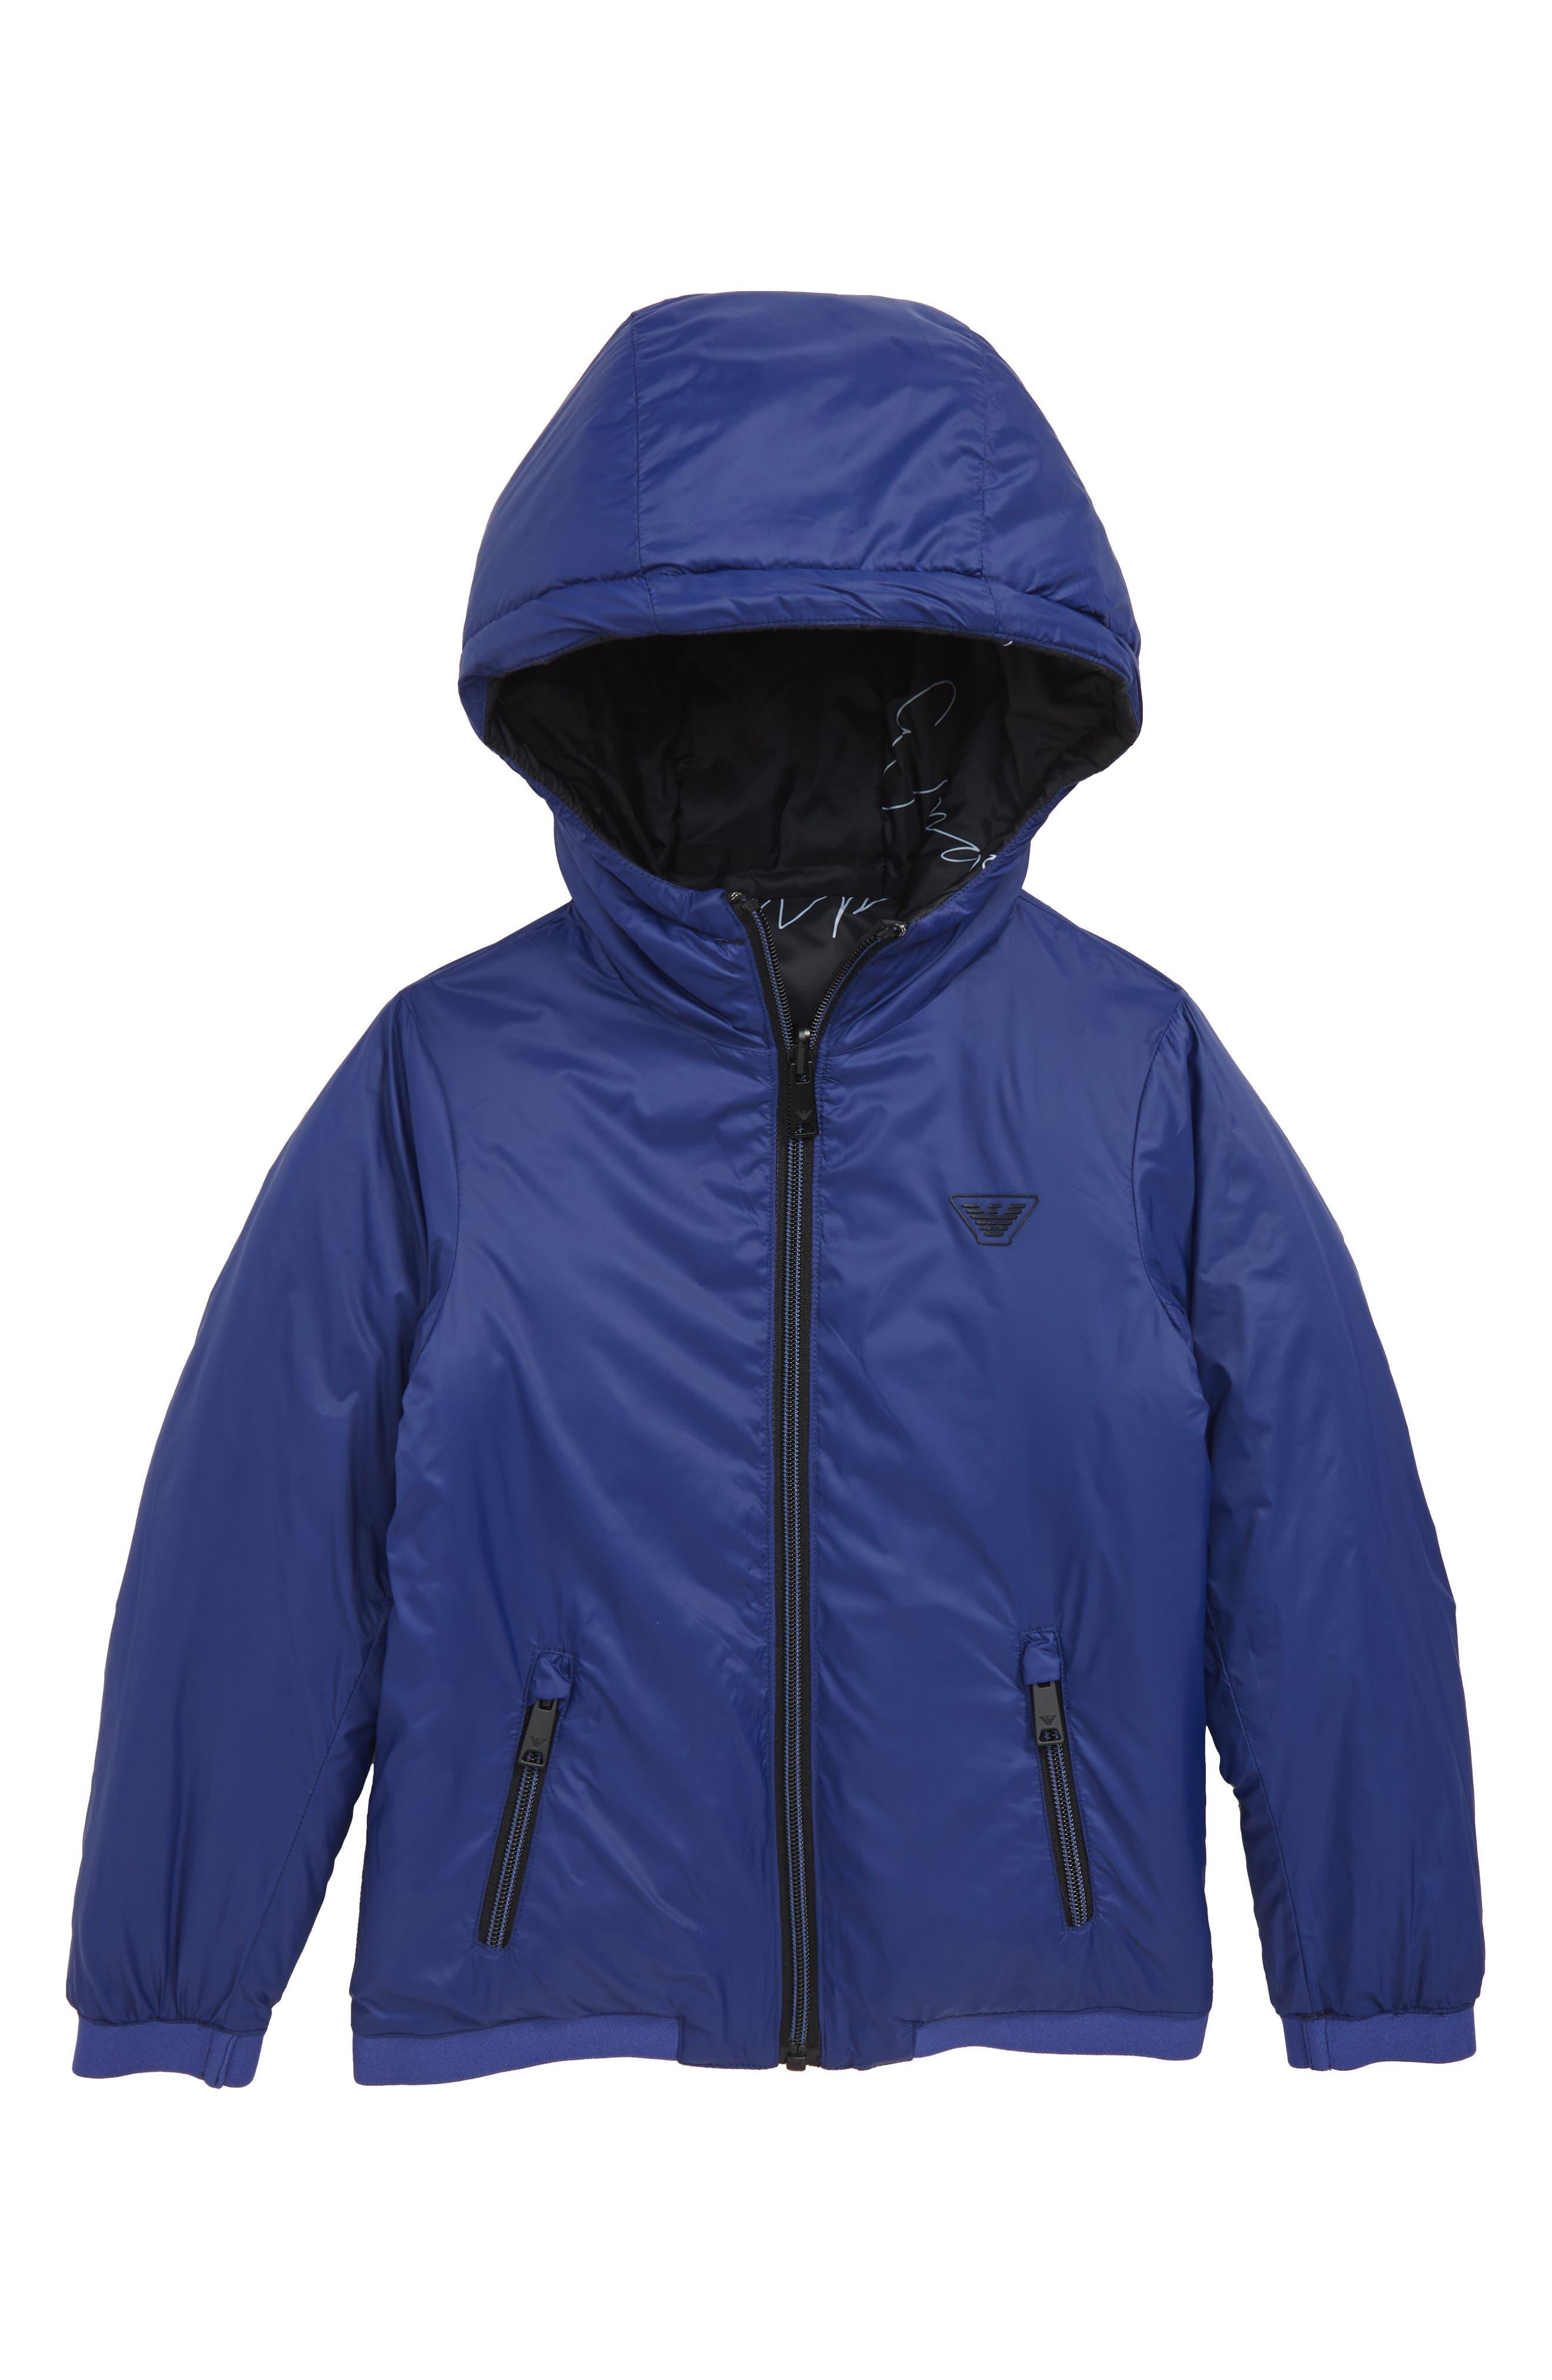 Armani Reversible Nylon Jacket,                             Alternate thumbnail 2, color,                             MULTI